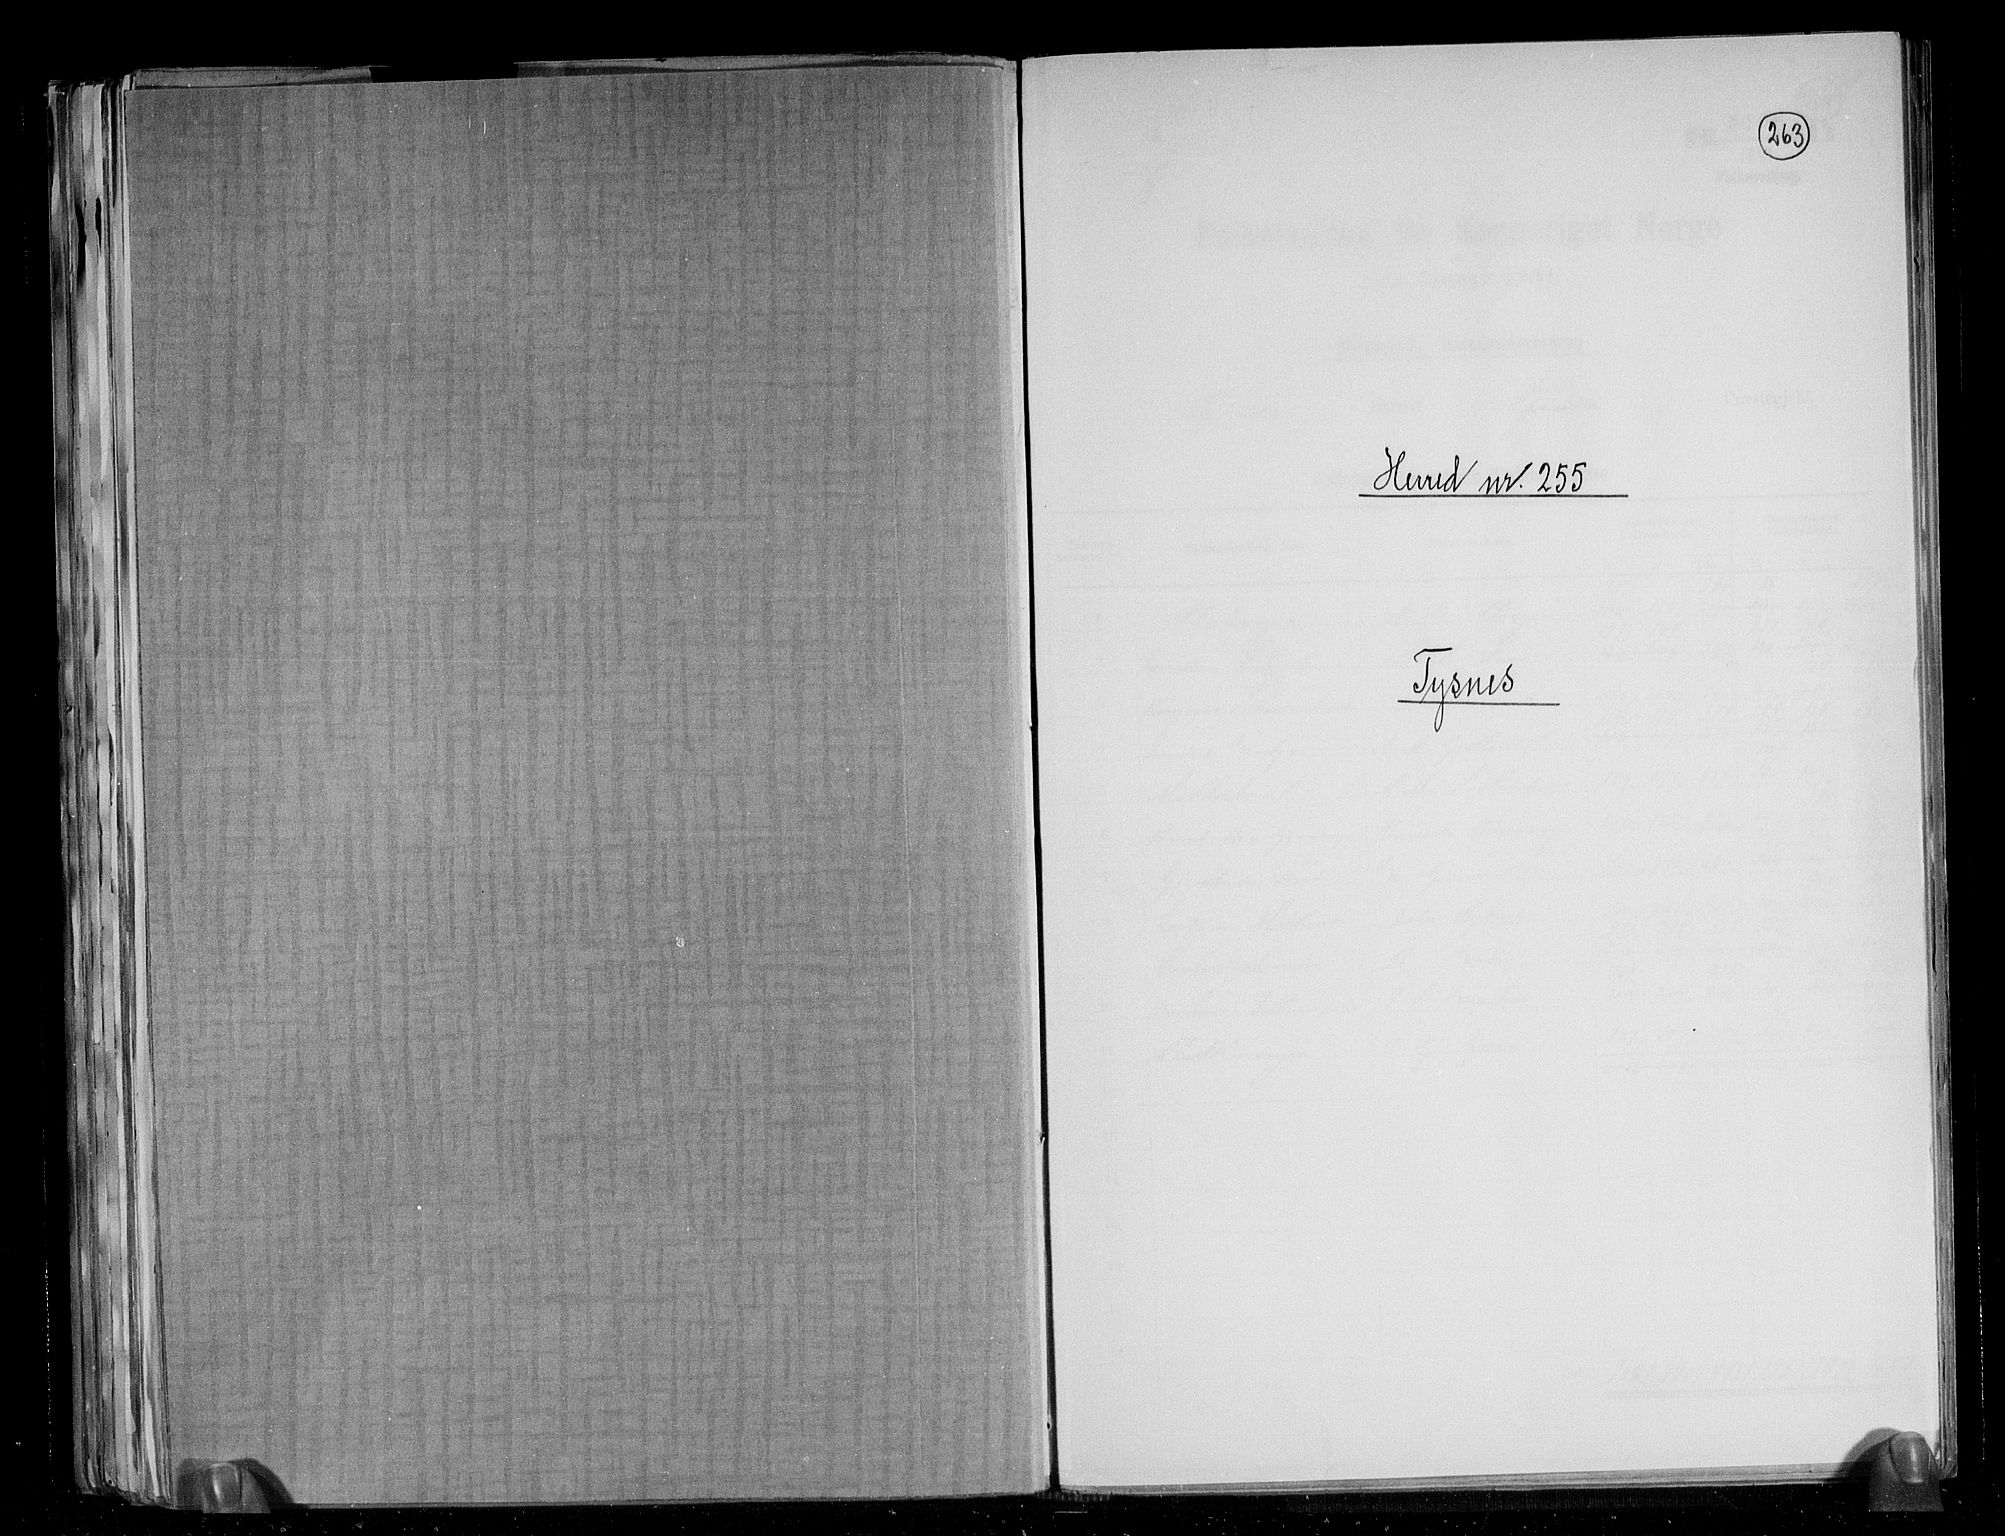 RA, Folketelling 1891 for 1223 Tysnes herred, 1891, s. 1